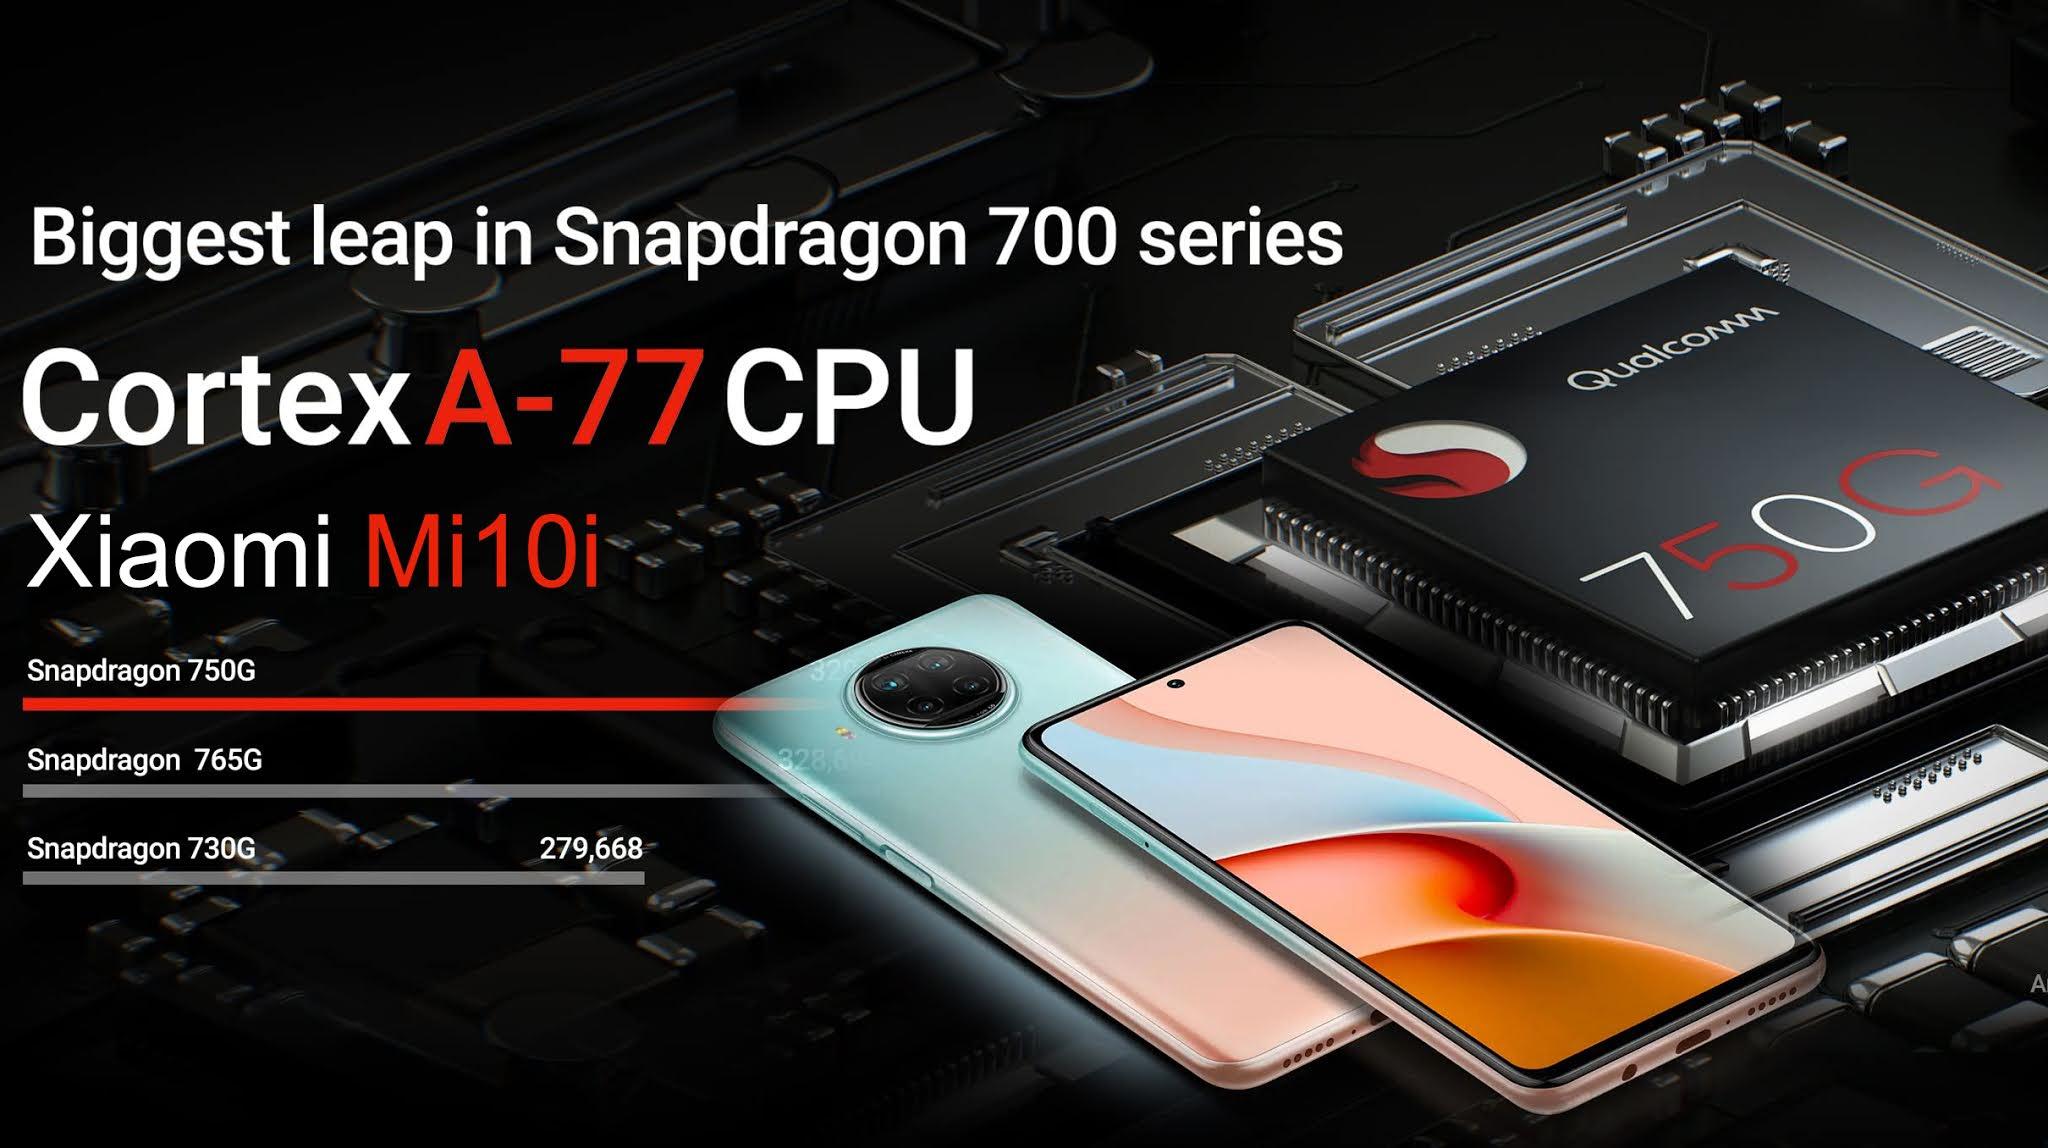 Xiaomi Mi 10i 5G compatible smartphone in India